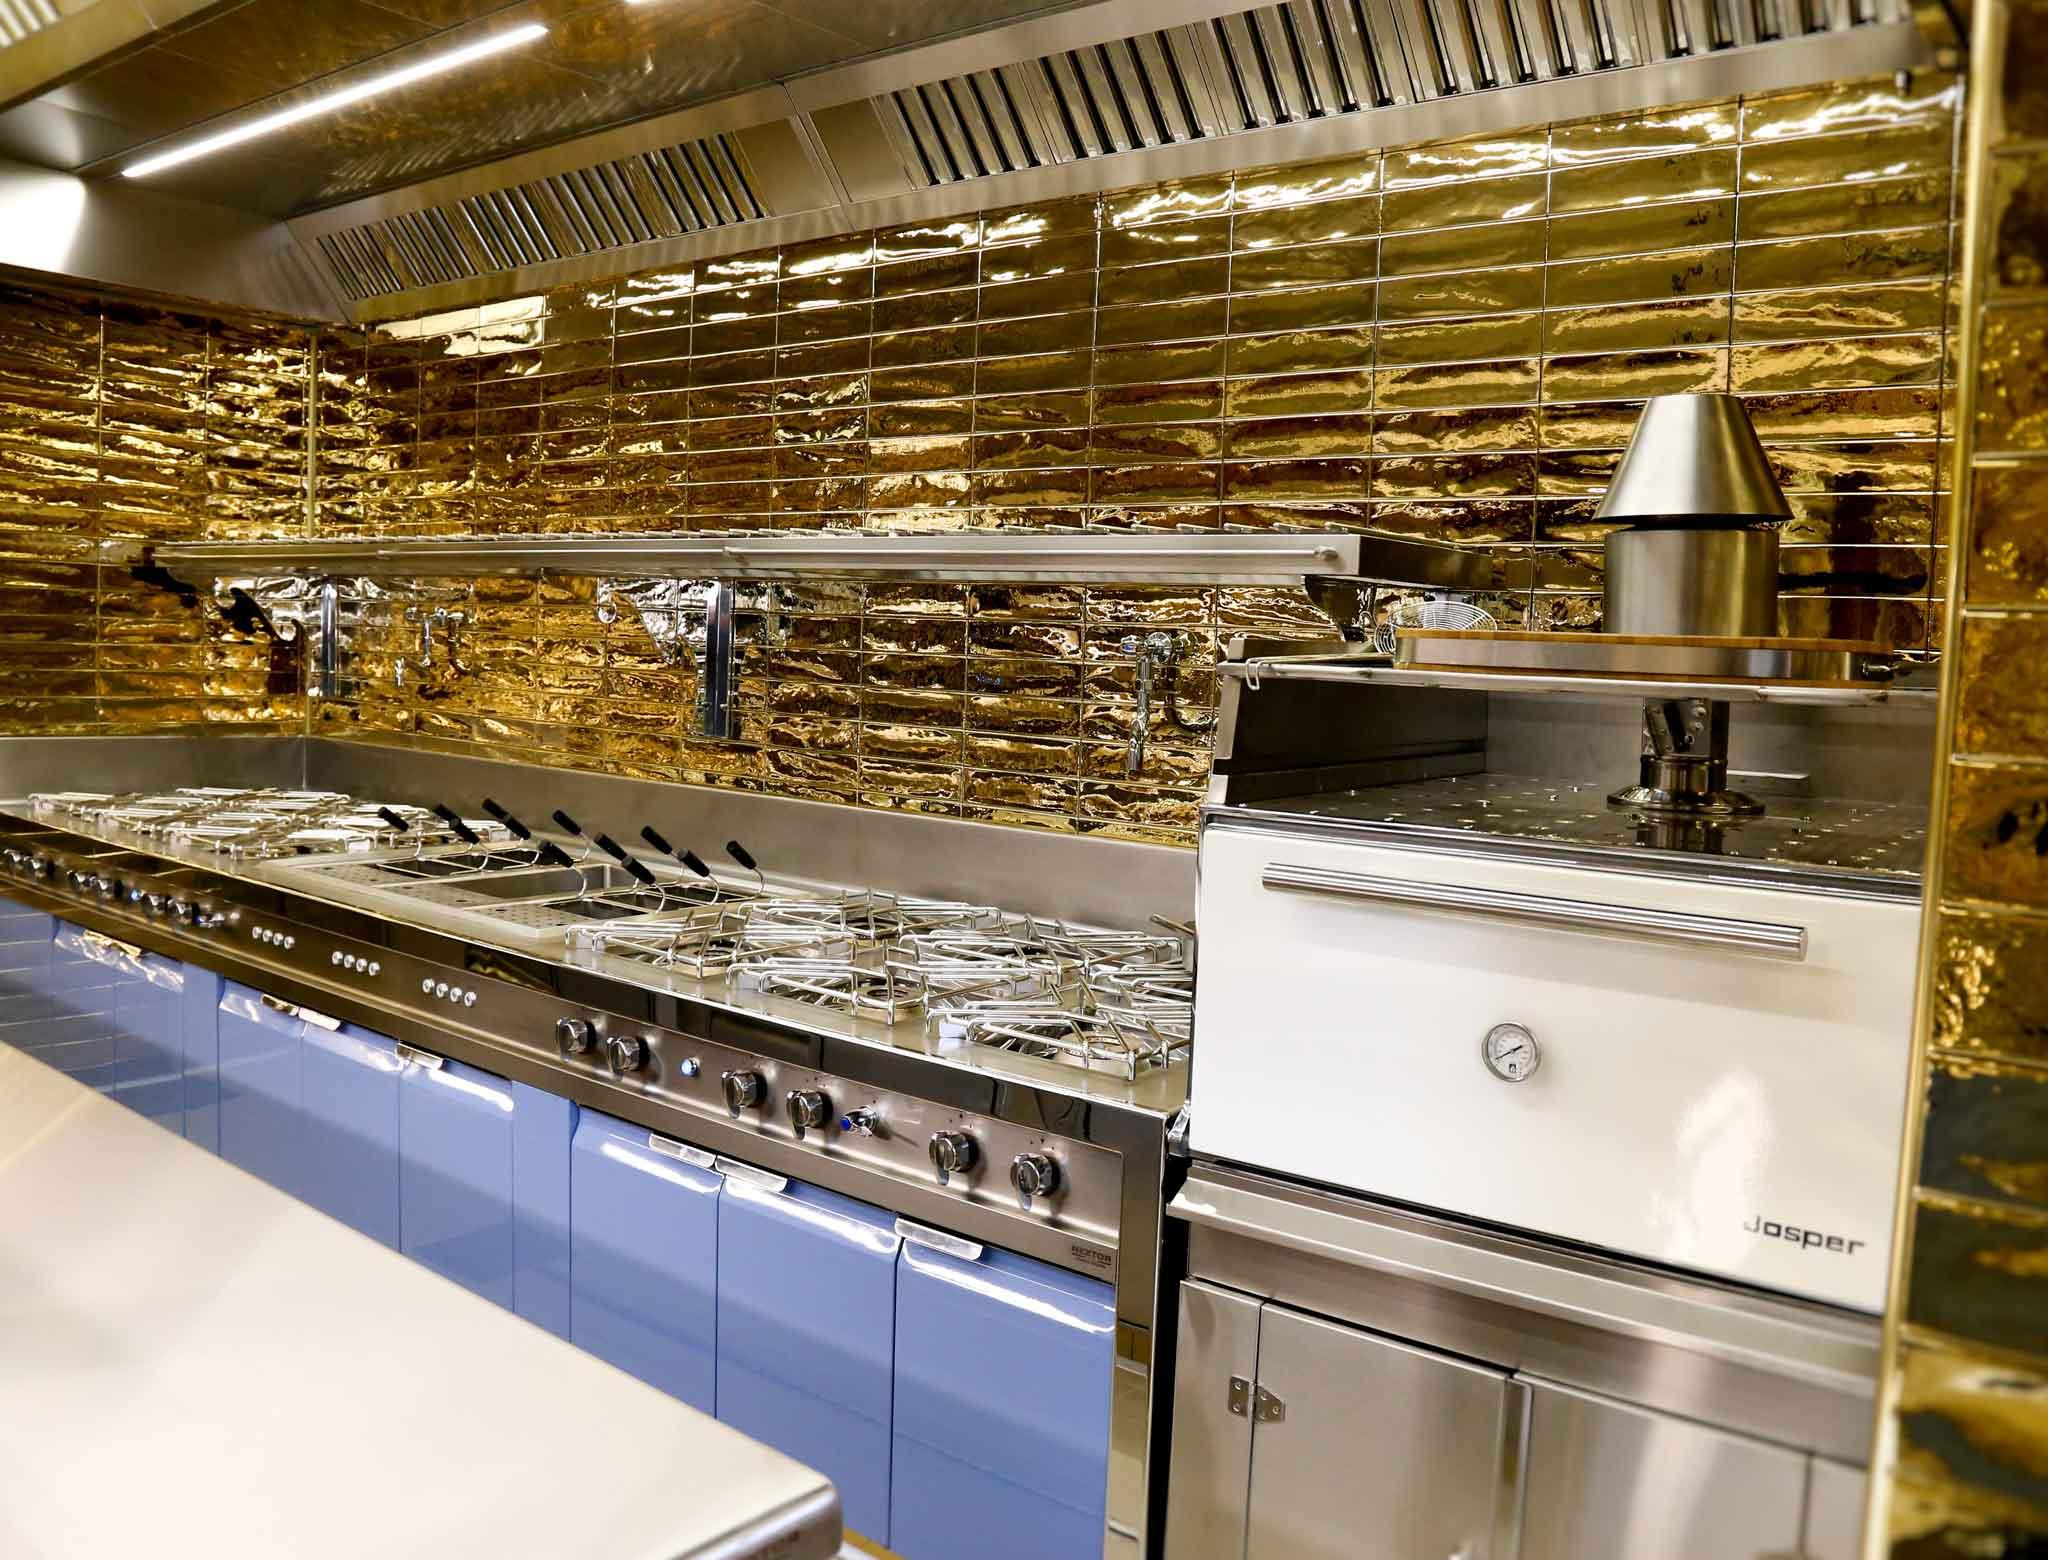 Napoli pulizia qualit e tanto oro per a figlia d 39 marenaro che riapre pi esagerata di prima - Pulizia cucina ristorante ...